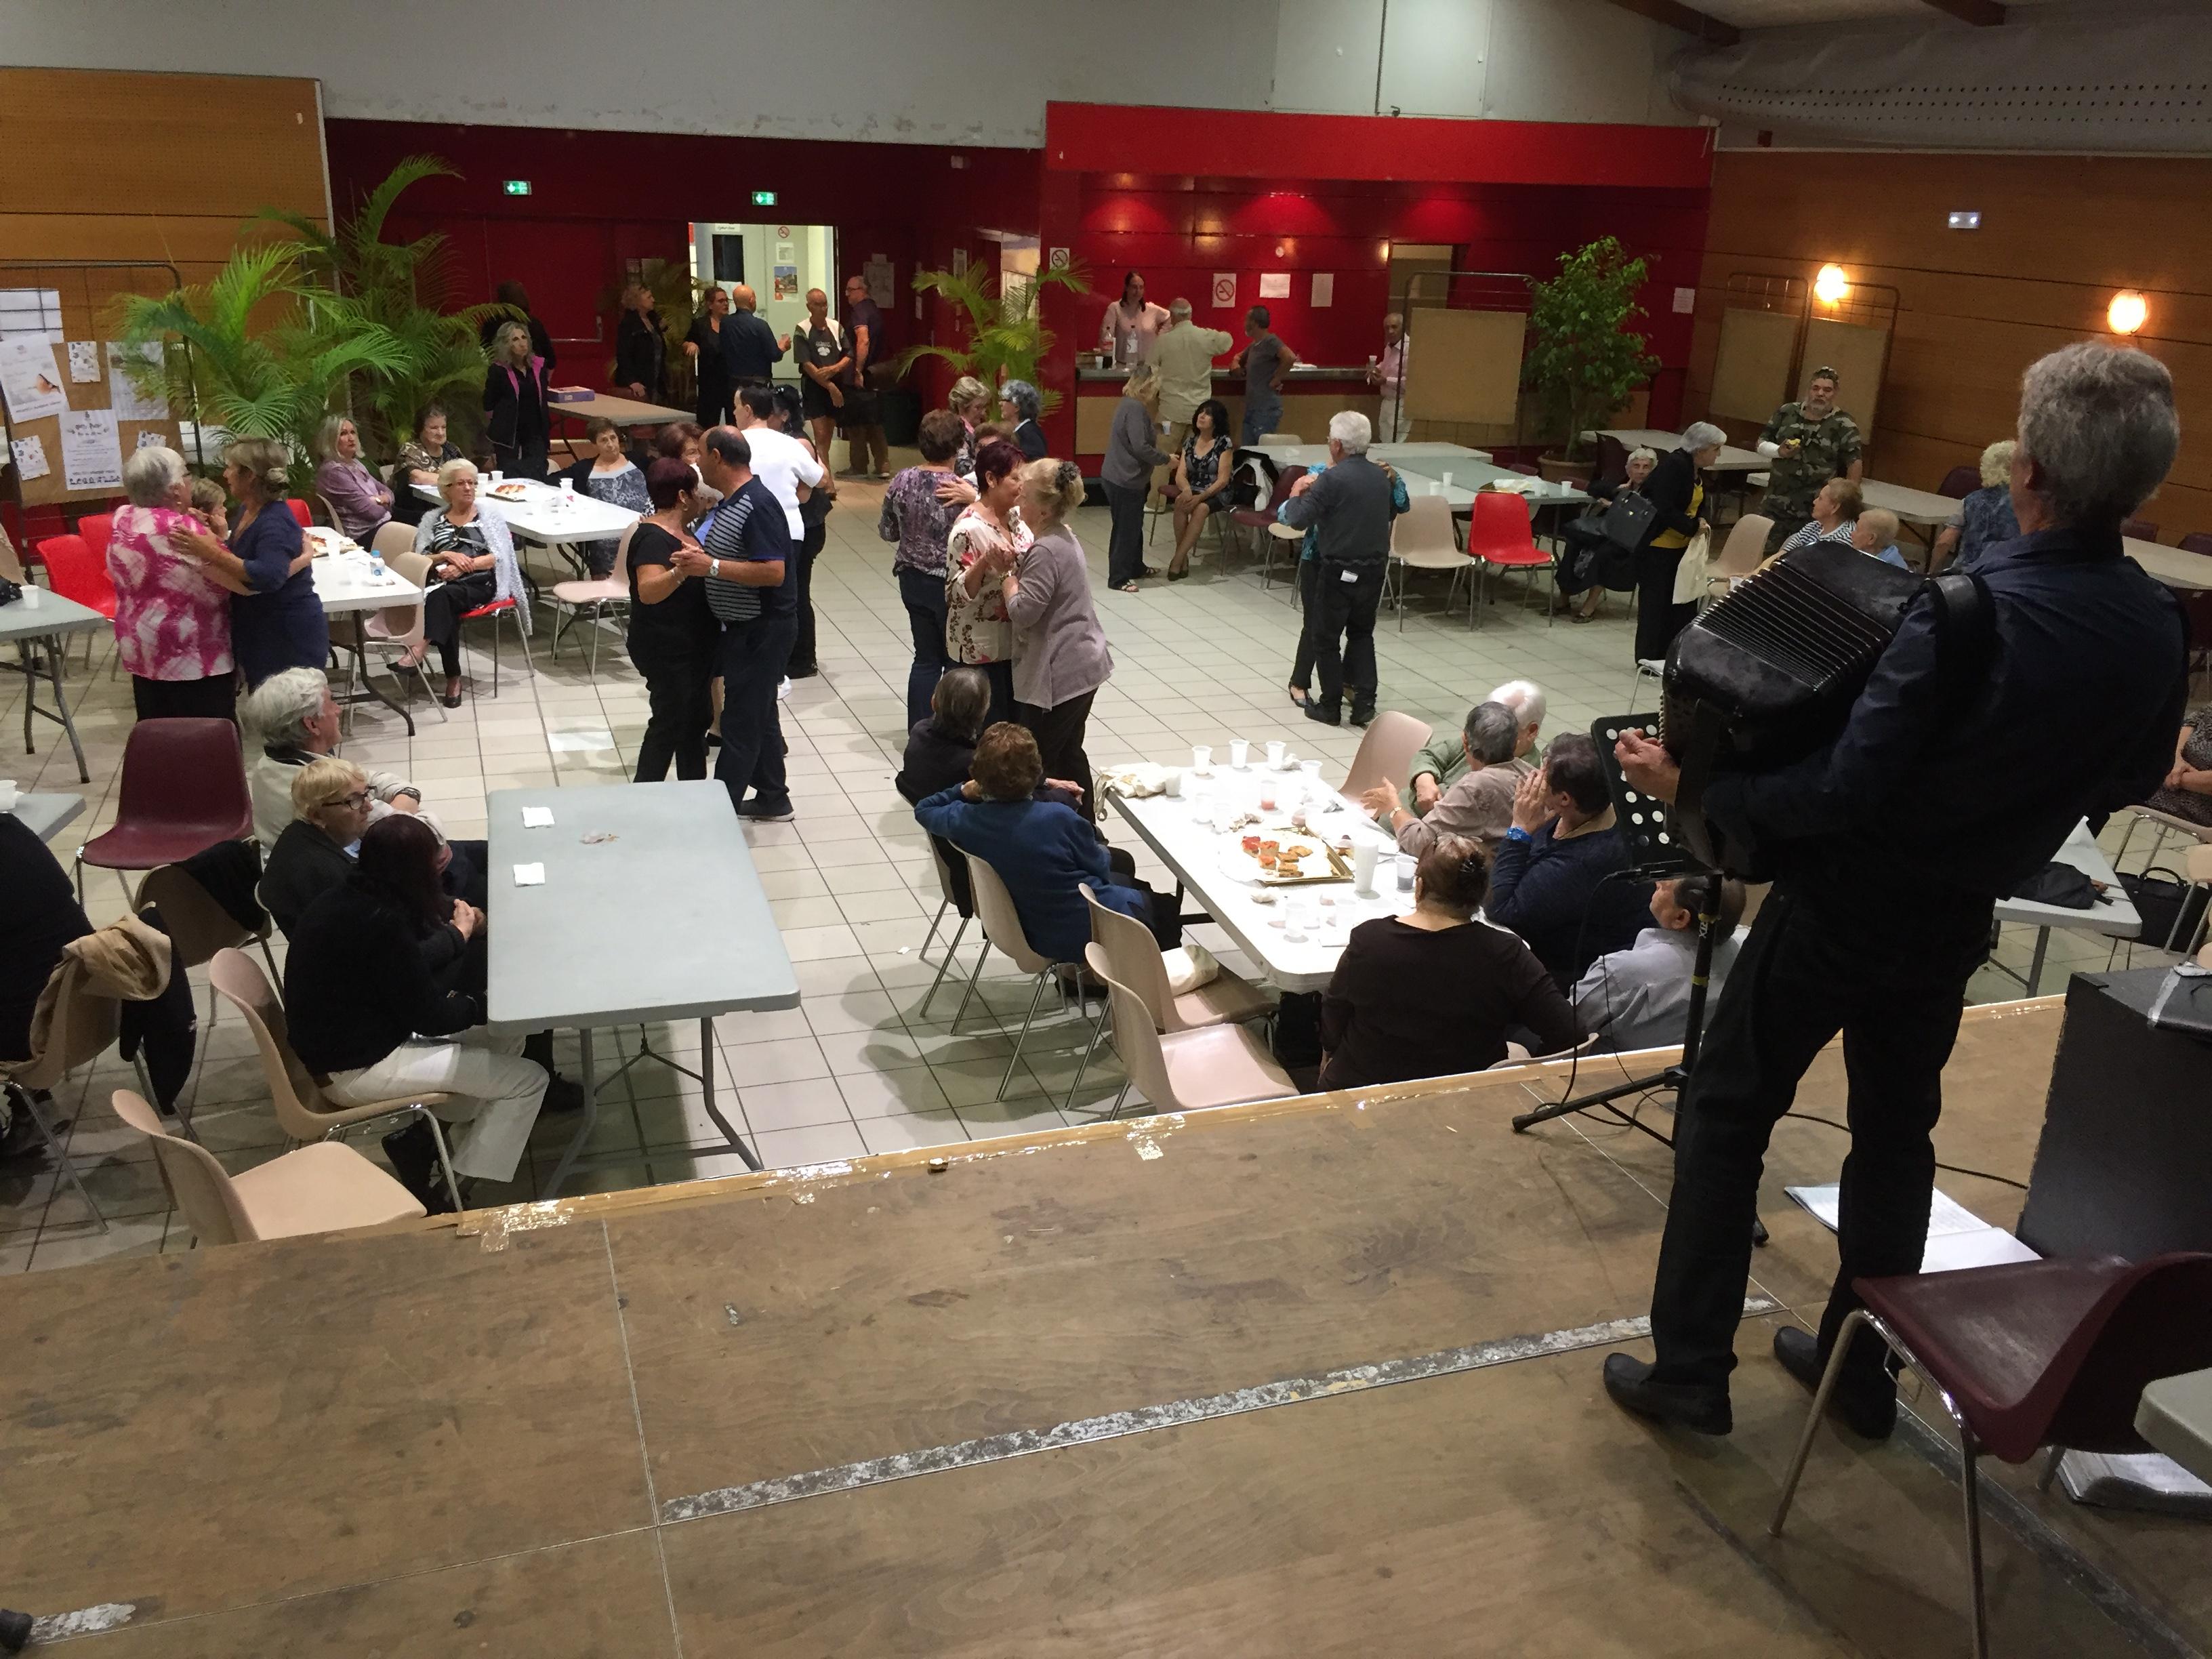 Bastia : I capi bianchi, le salon des seniors, le bien-être à tout âge